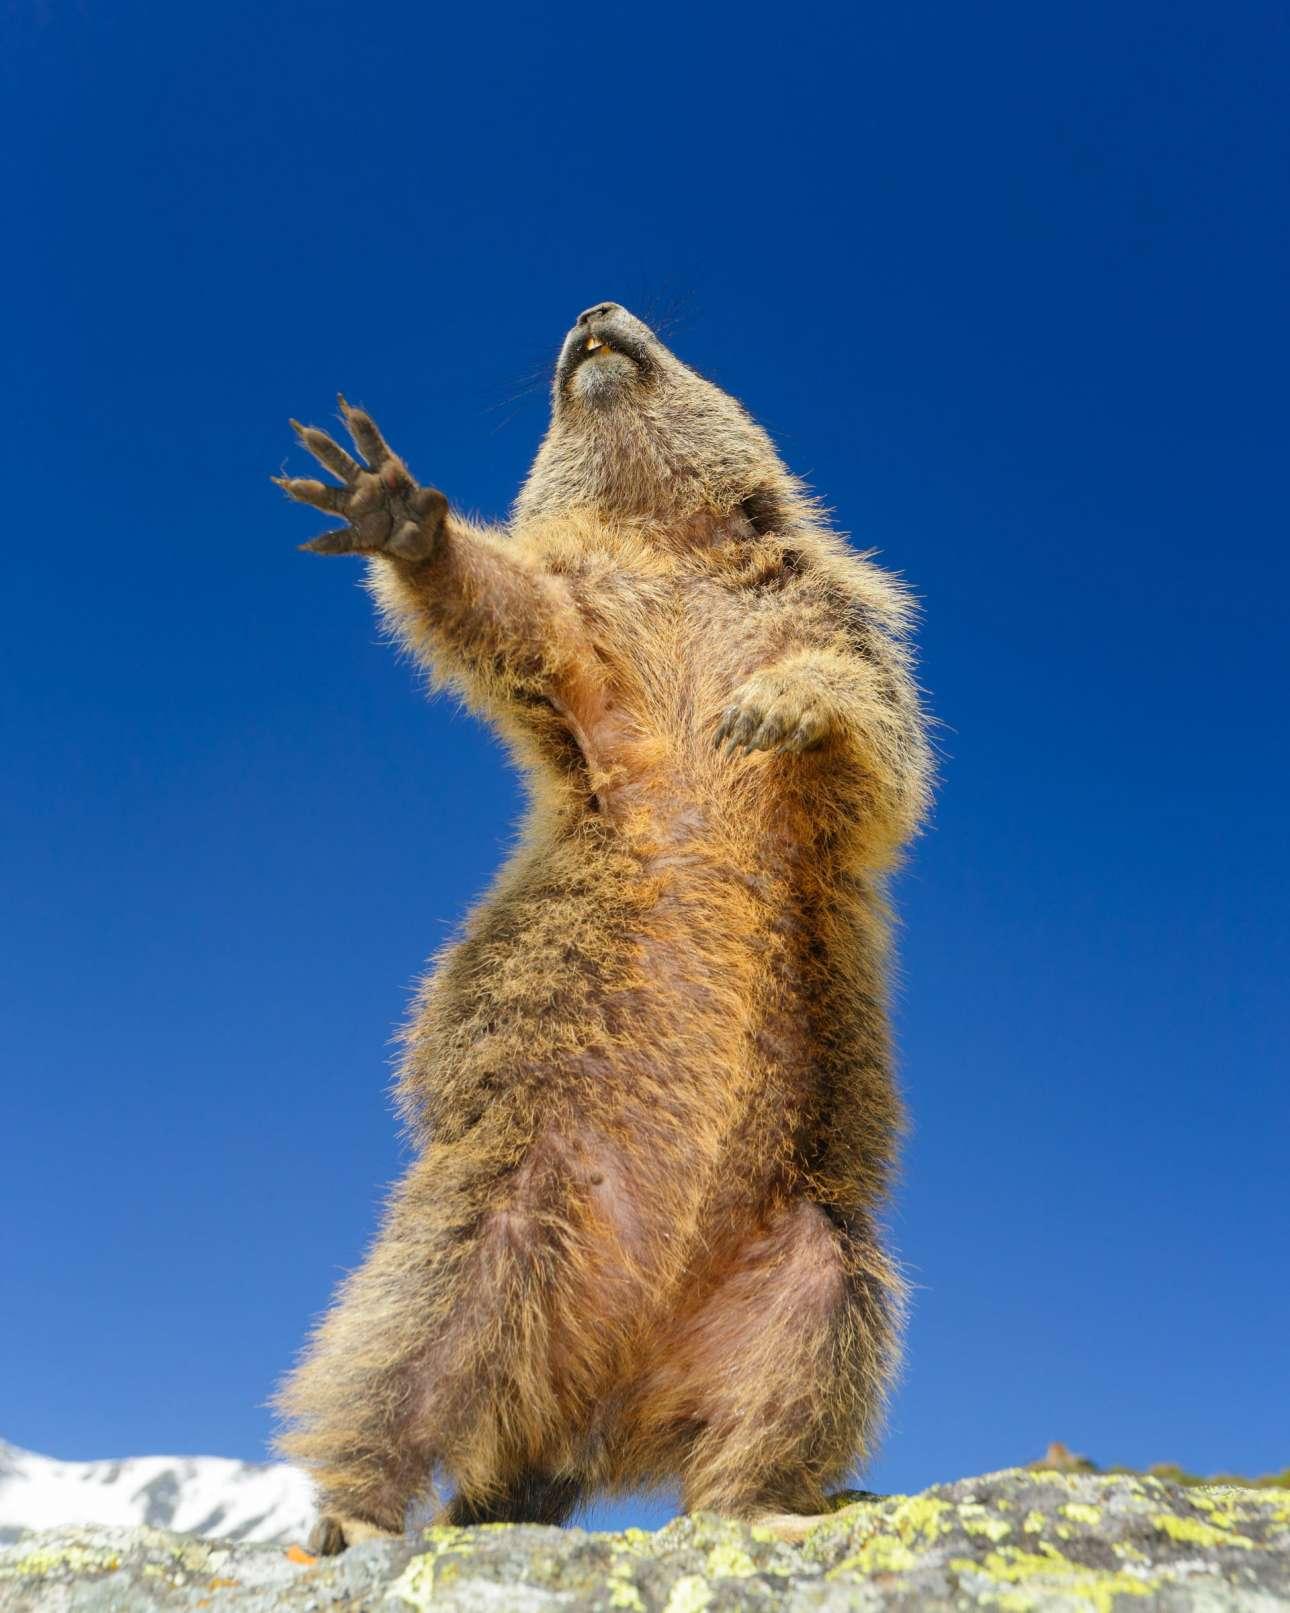 Σκίουρος σε εντυπωσιακές χορευτικές φιγούρες